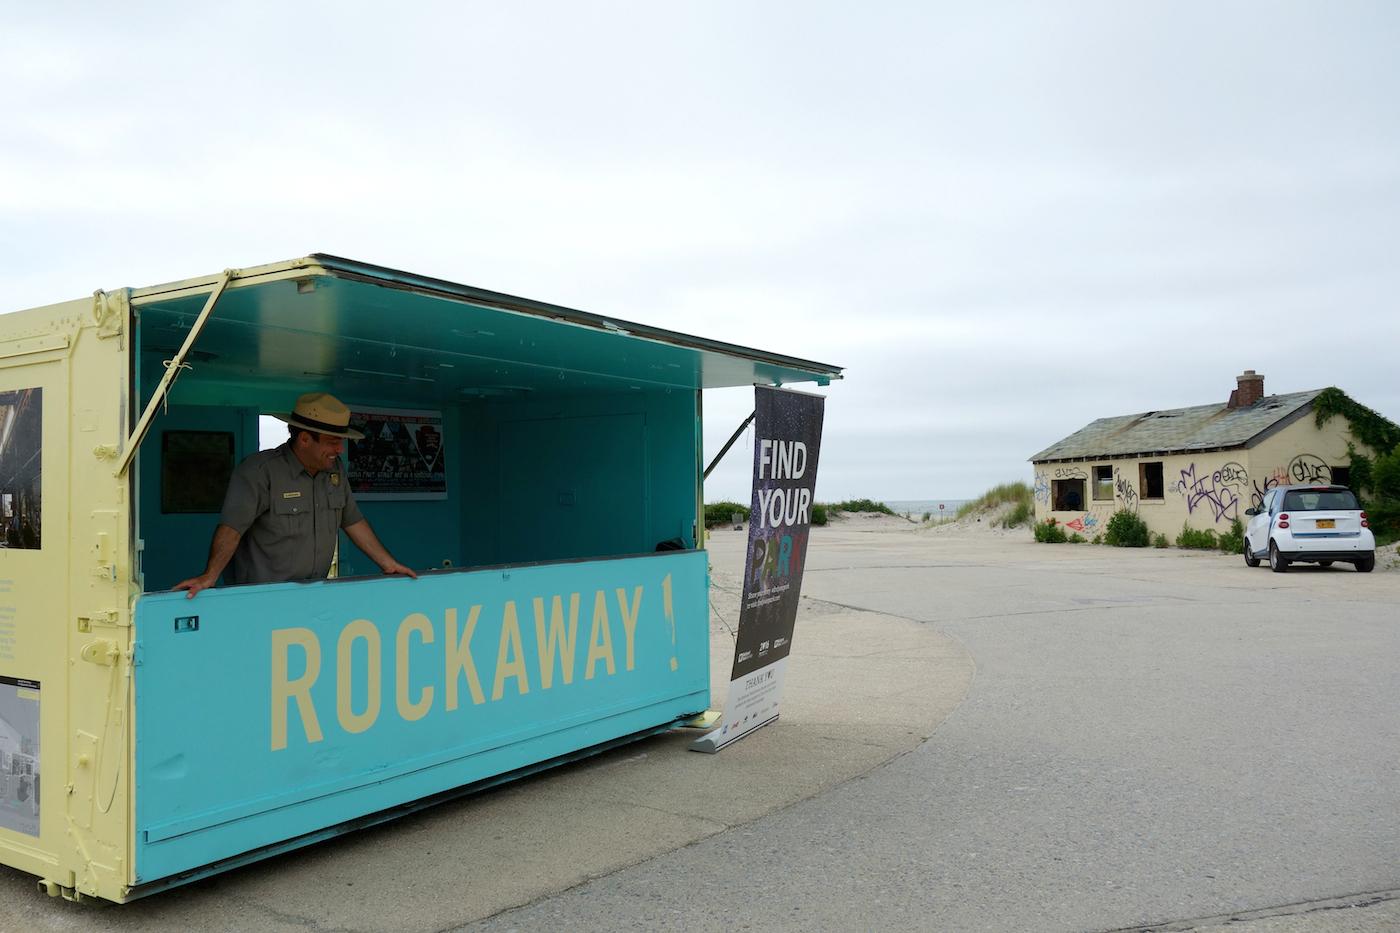 National Park Service station for 'Rockaway!'